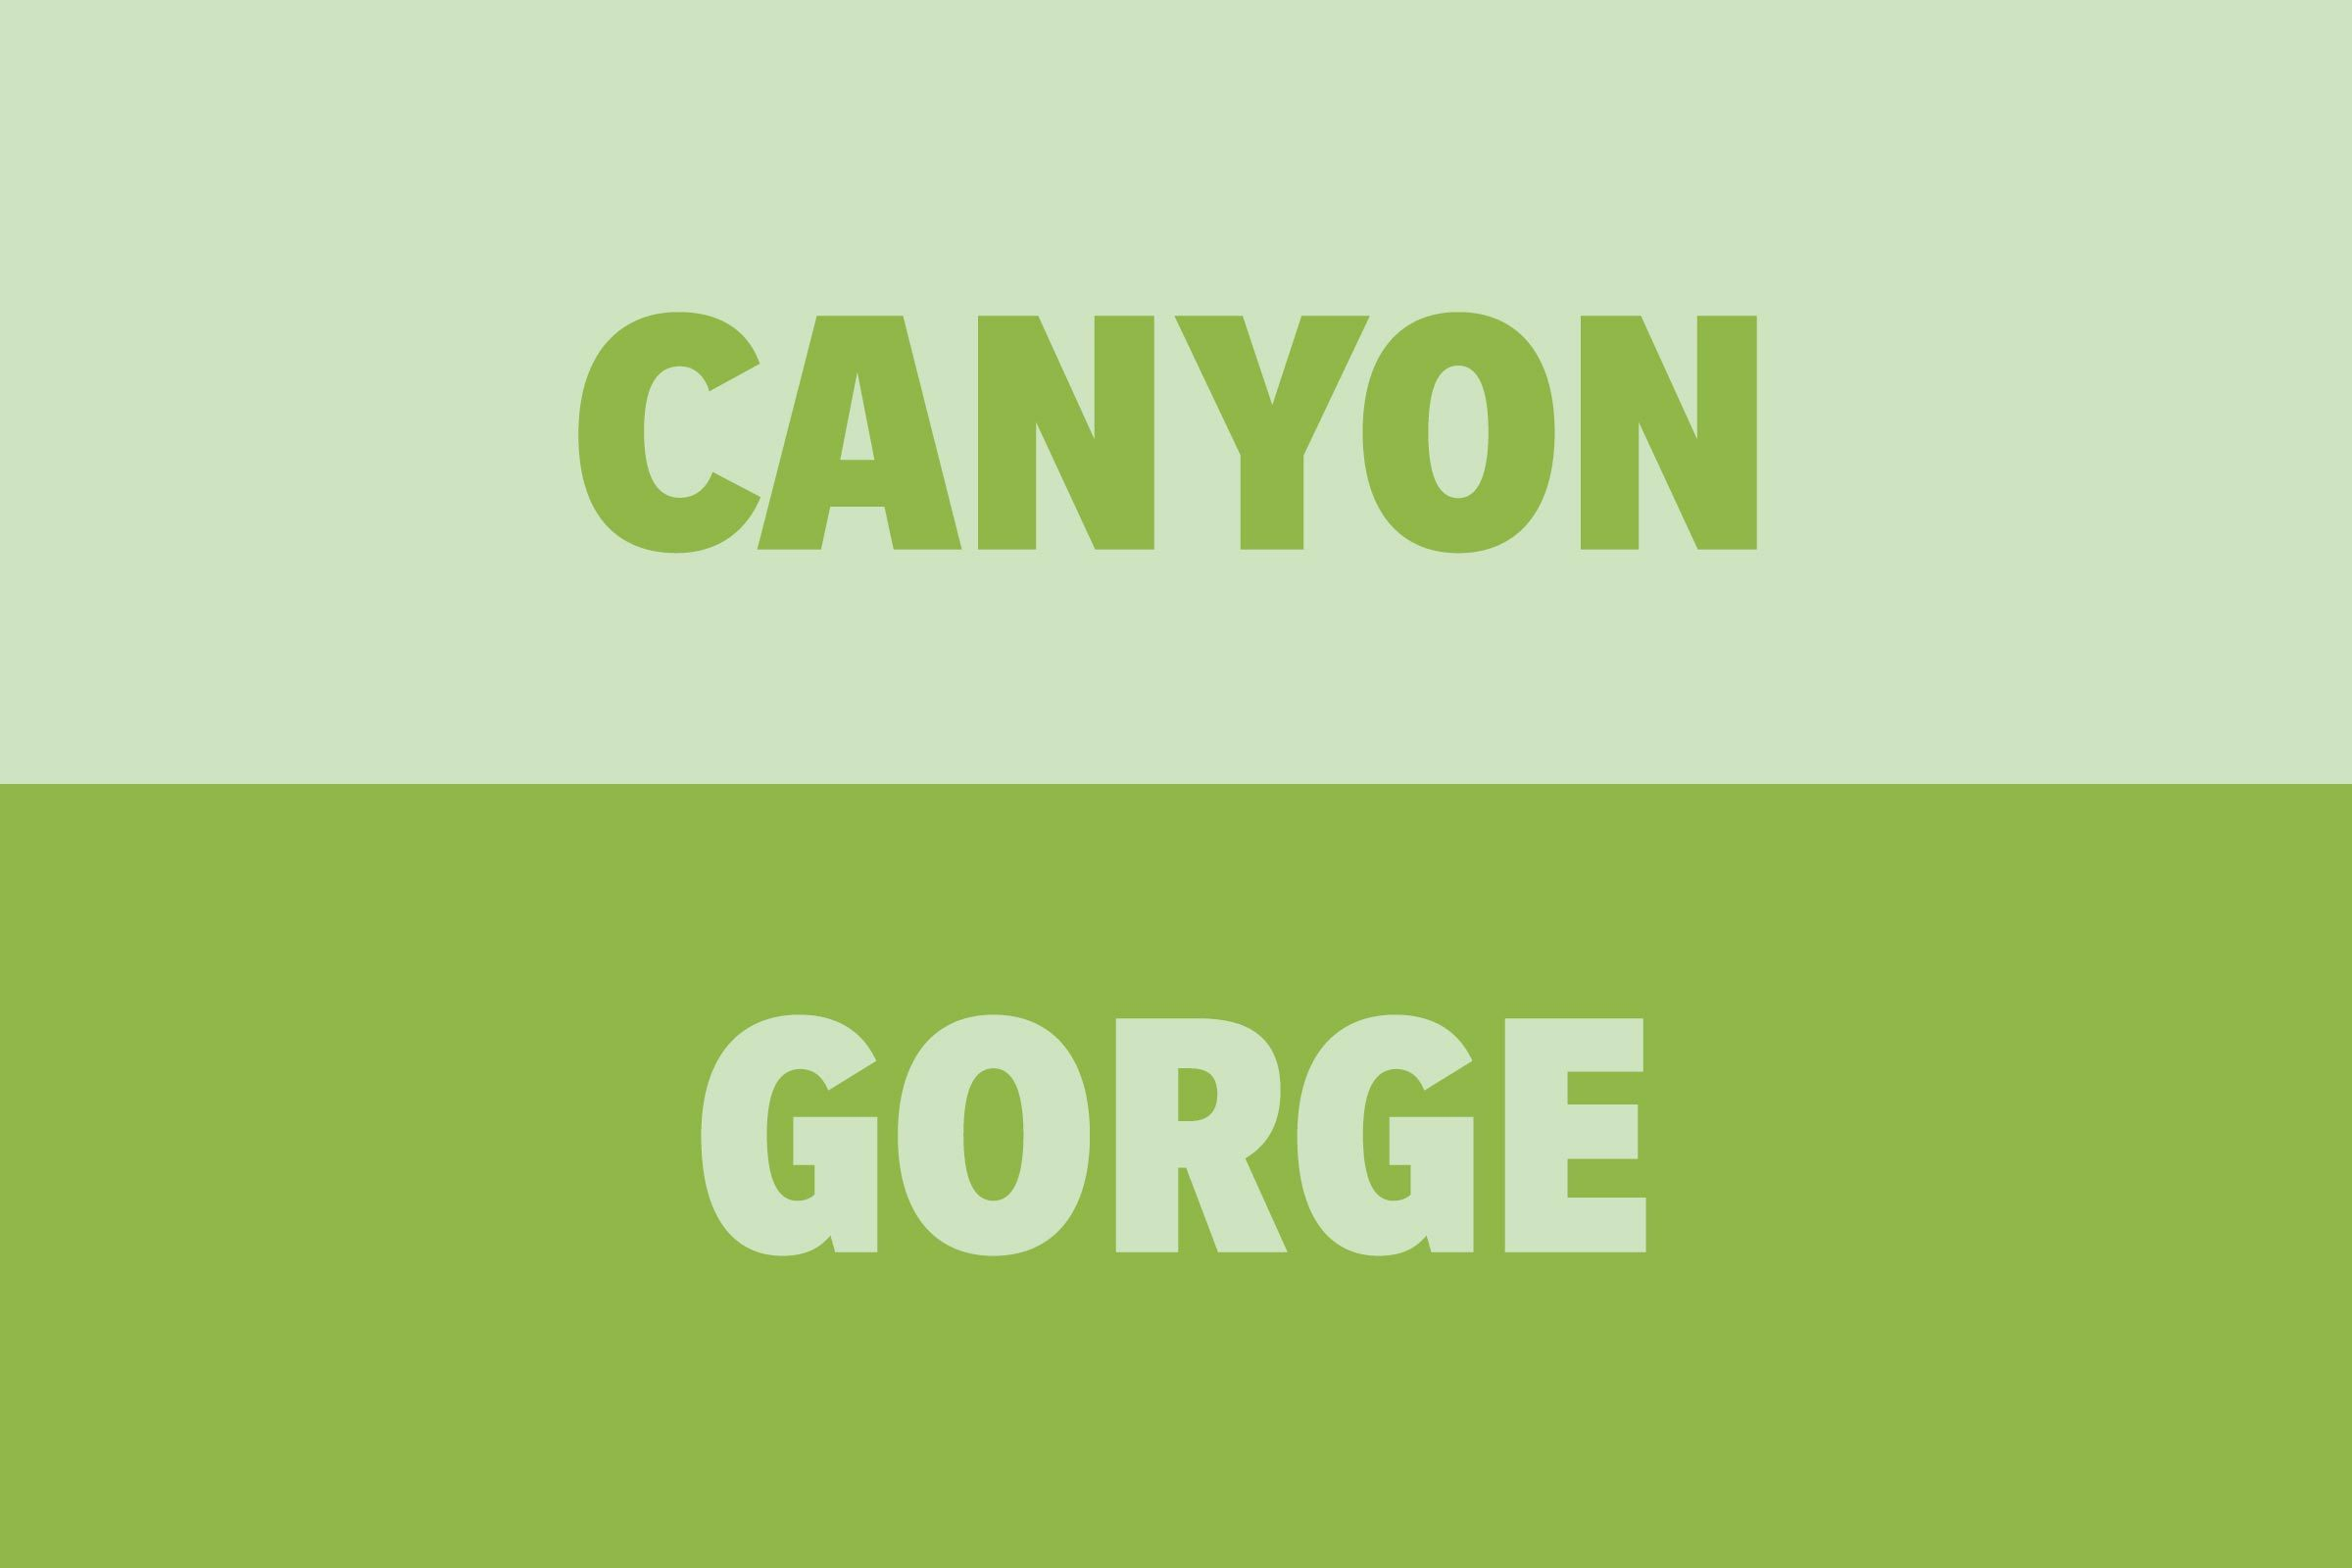 Canyon vs Gorge